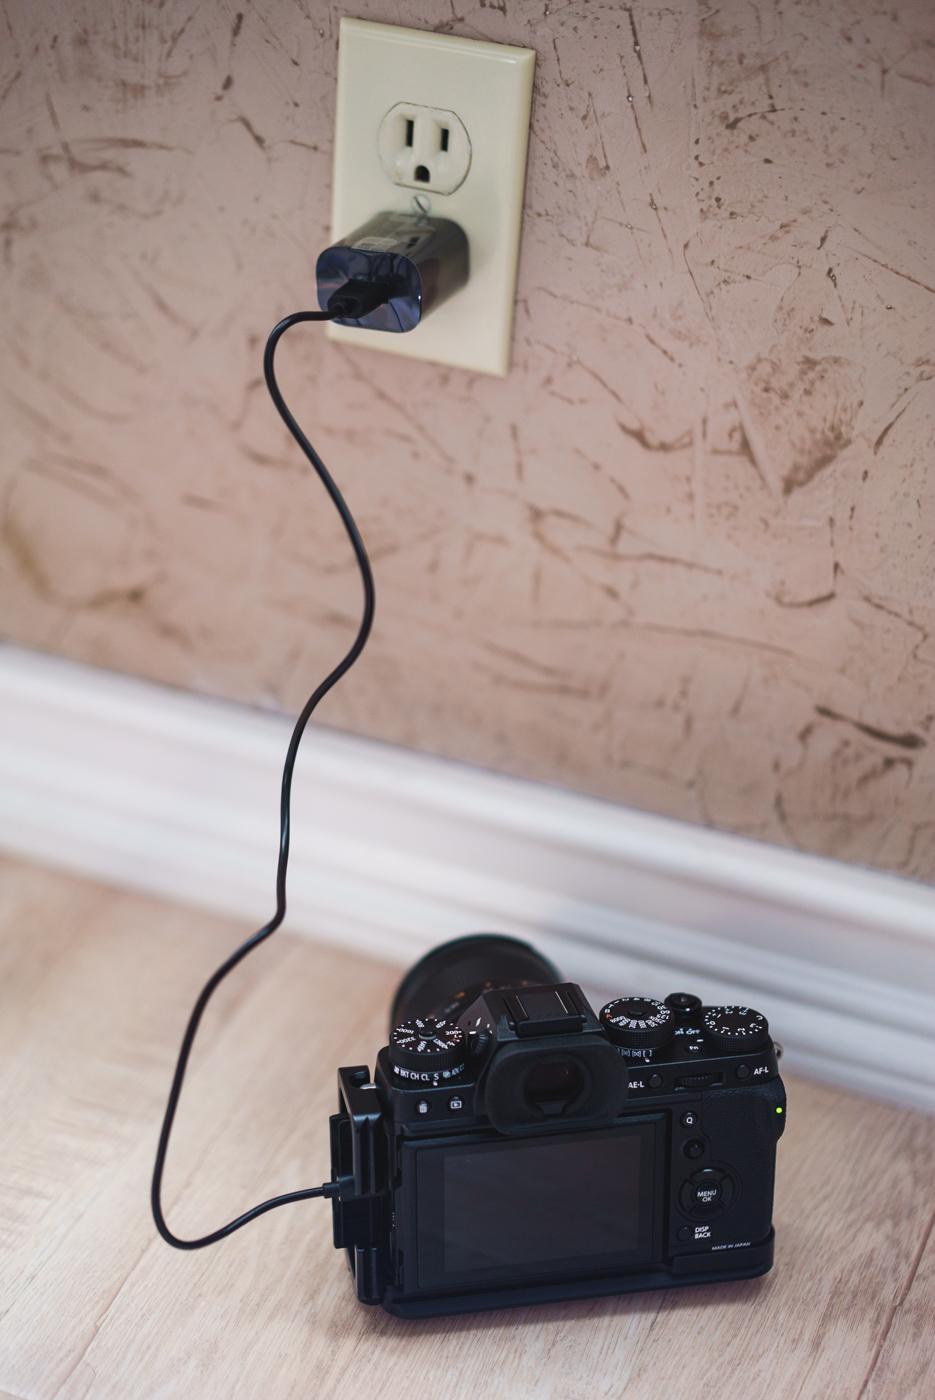 Fujifilm X-T2 Charging